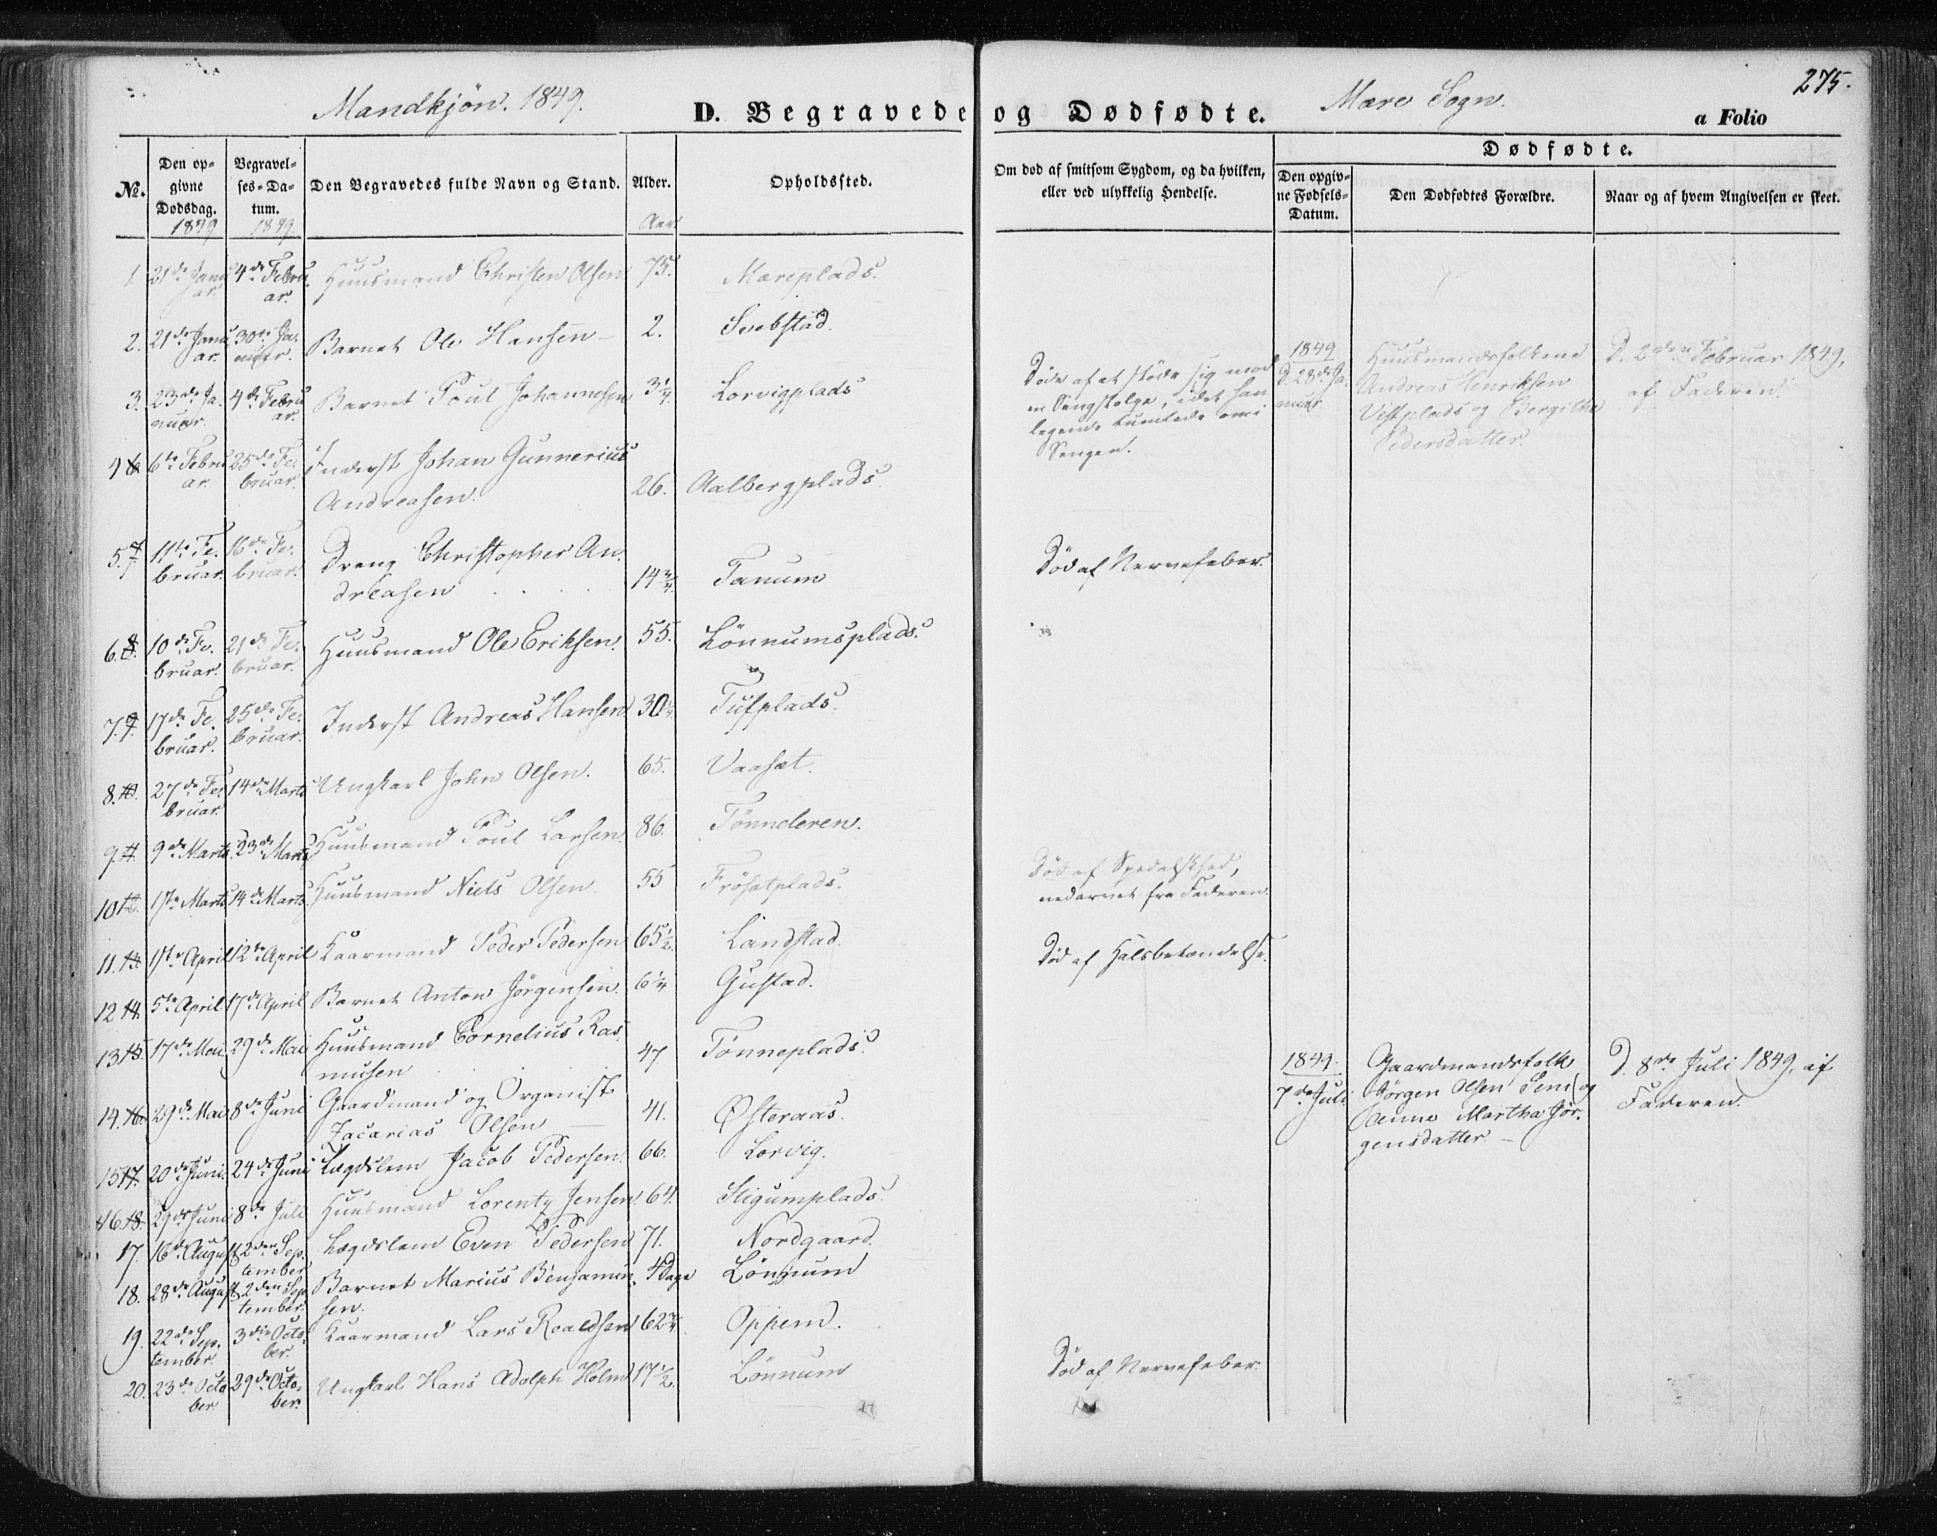 SAT, Ministerialprotokoller, klokkerbøker og fødselsregistre - Nord-Trøndelag, 735/L0342: Ministerialbok nr. 735A07 /1, 1849-1862, s. 275